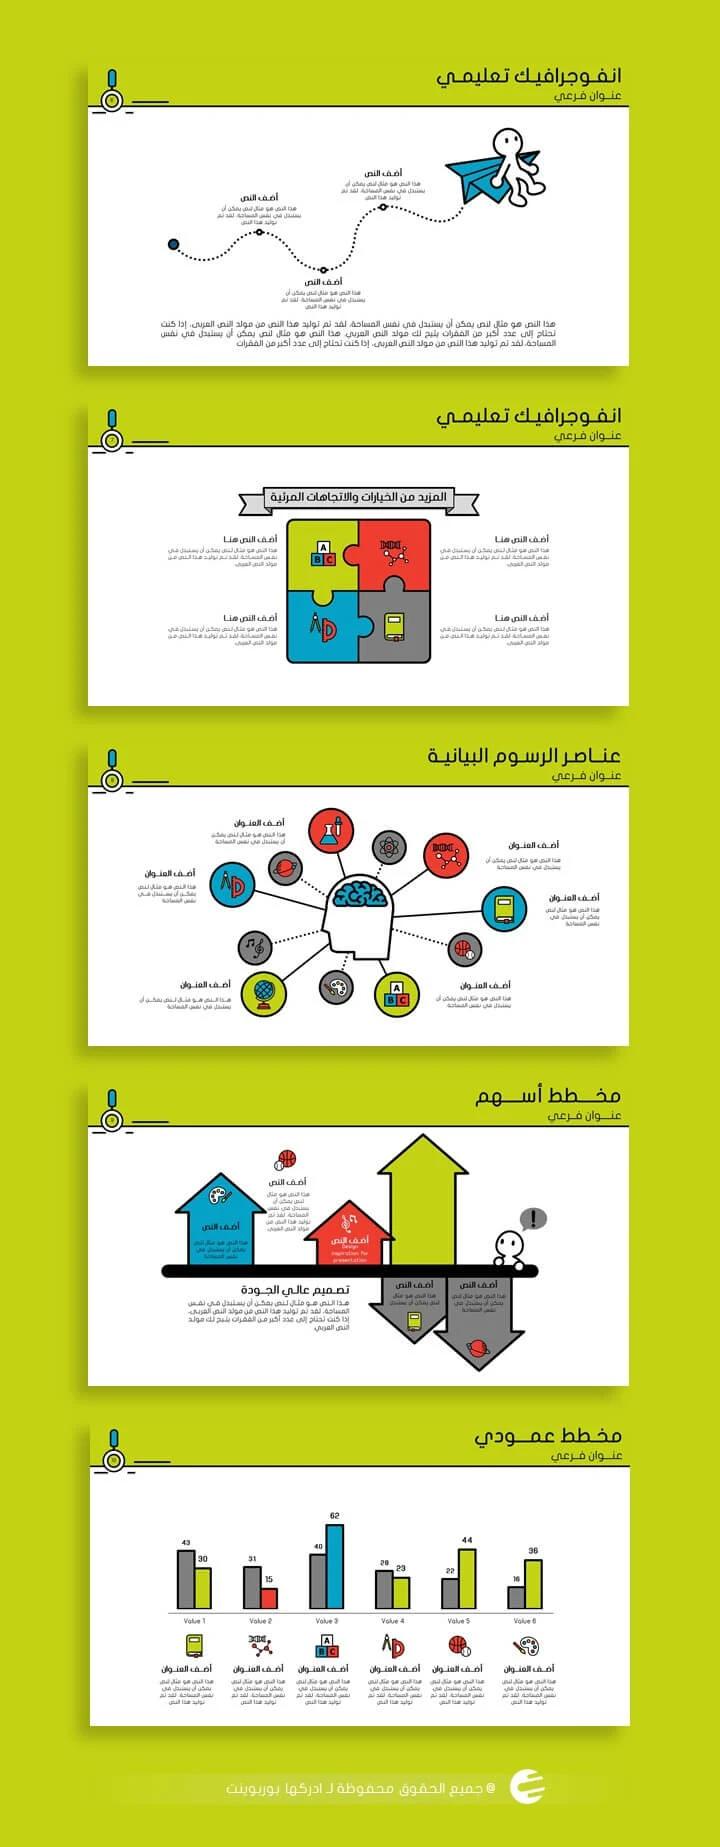 انفوجرافيك بوربوينت تعليمي جاهز لرياض الأطفال حتى المرحلة الثانوية ادركها بوربوينت Vocabulary Words Powerpoint Animation Presentation